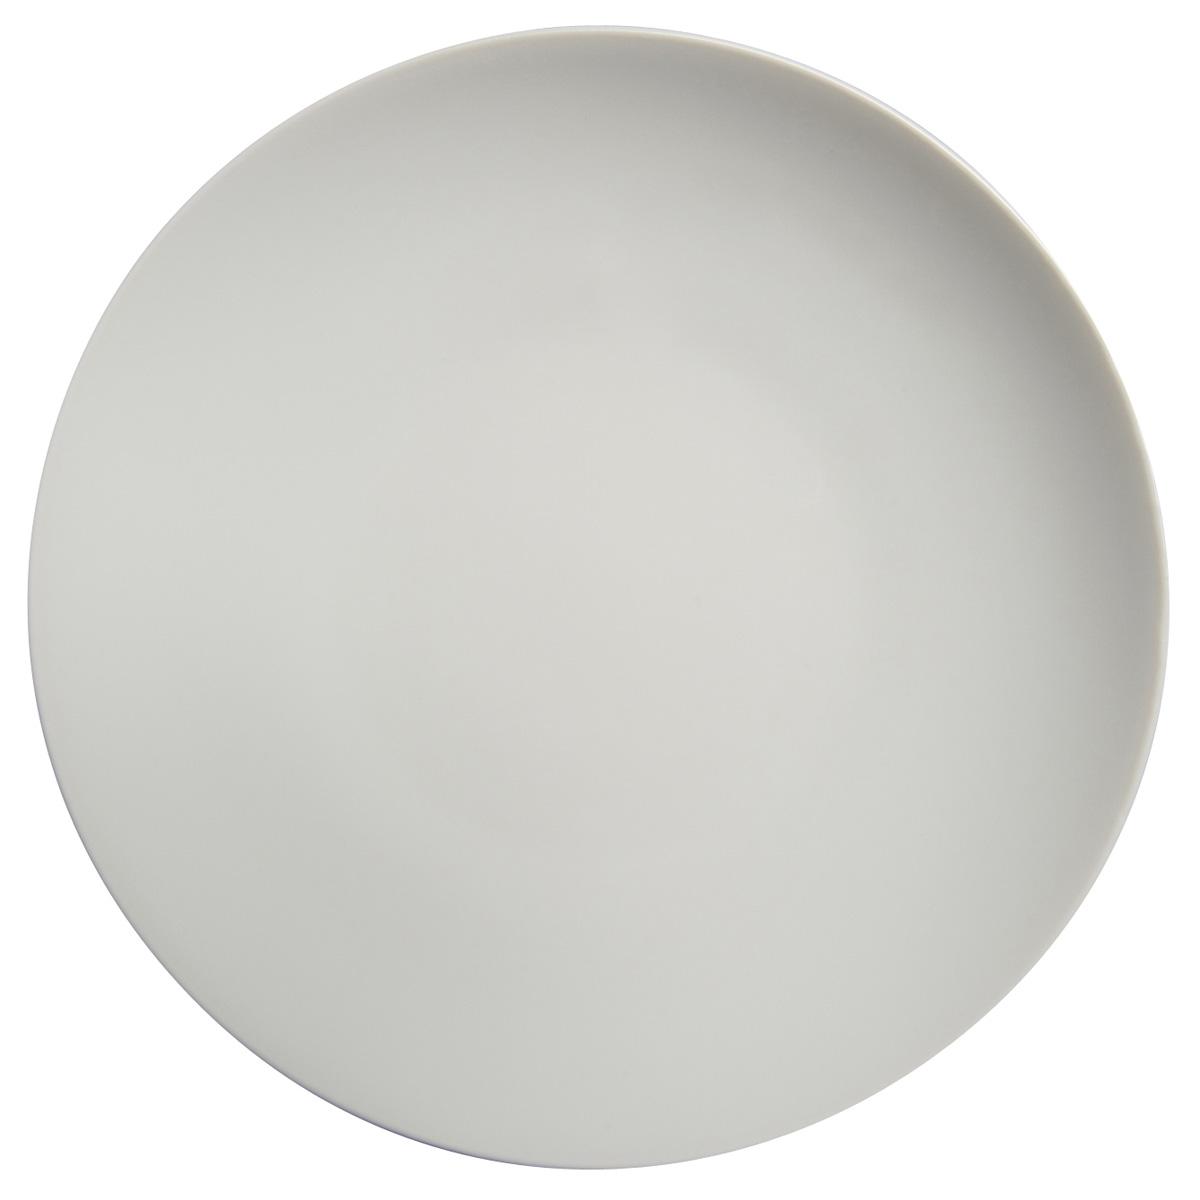 modulo blanc assiette plate ronde 26 cm les assiettes la table parisienne. Black Bedroom Furniture Sets. Home Design Ideas